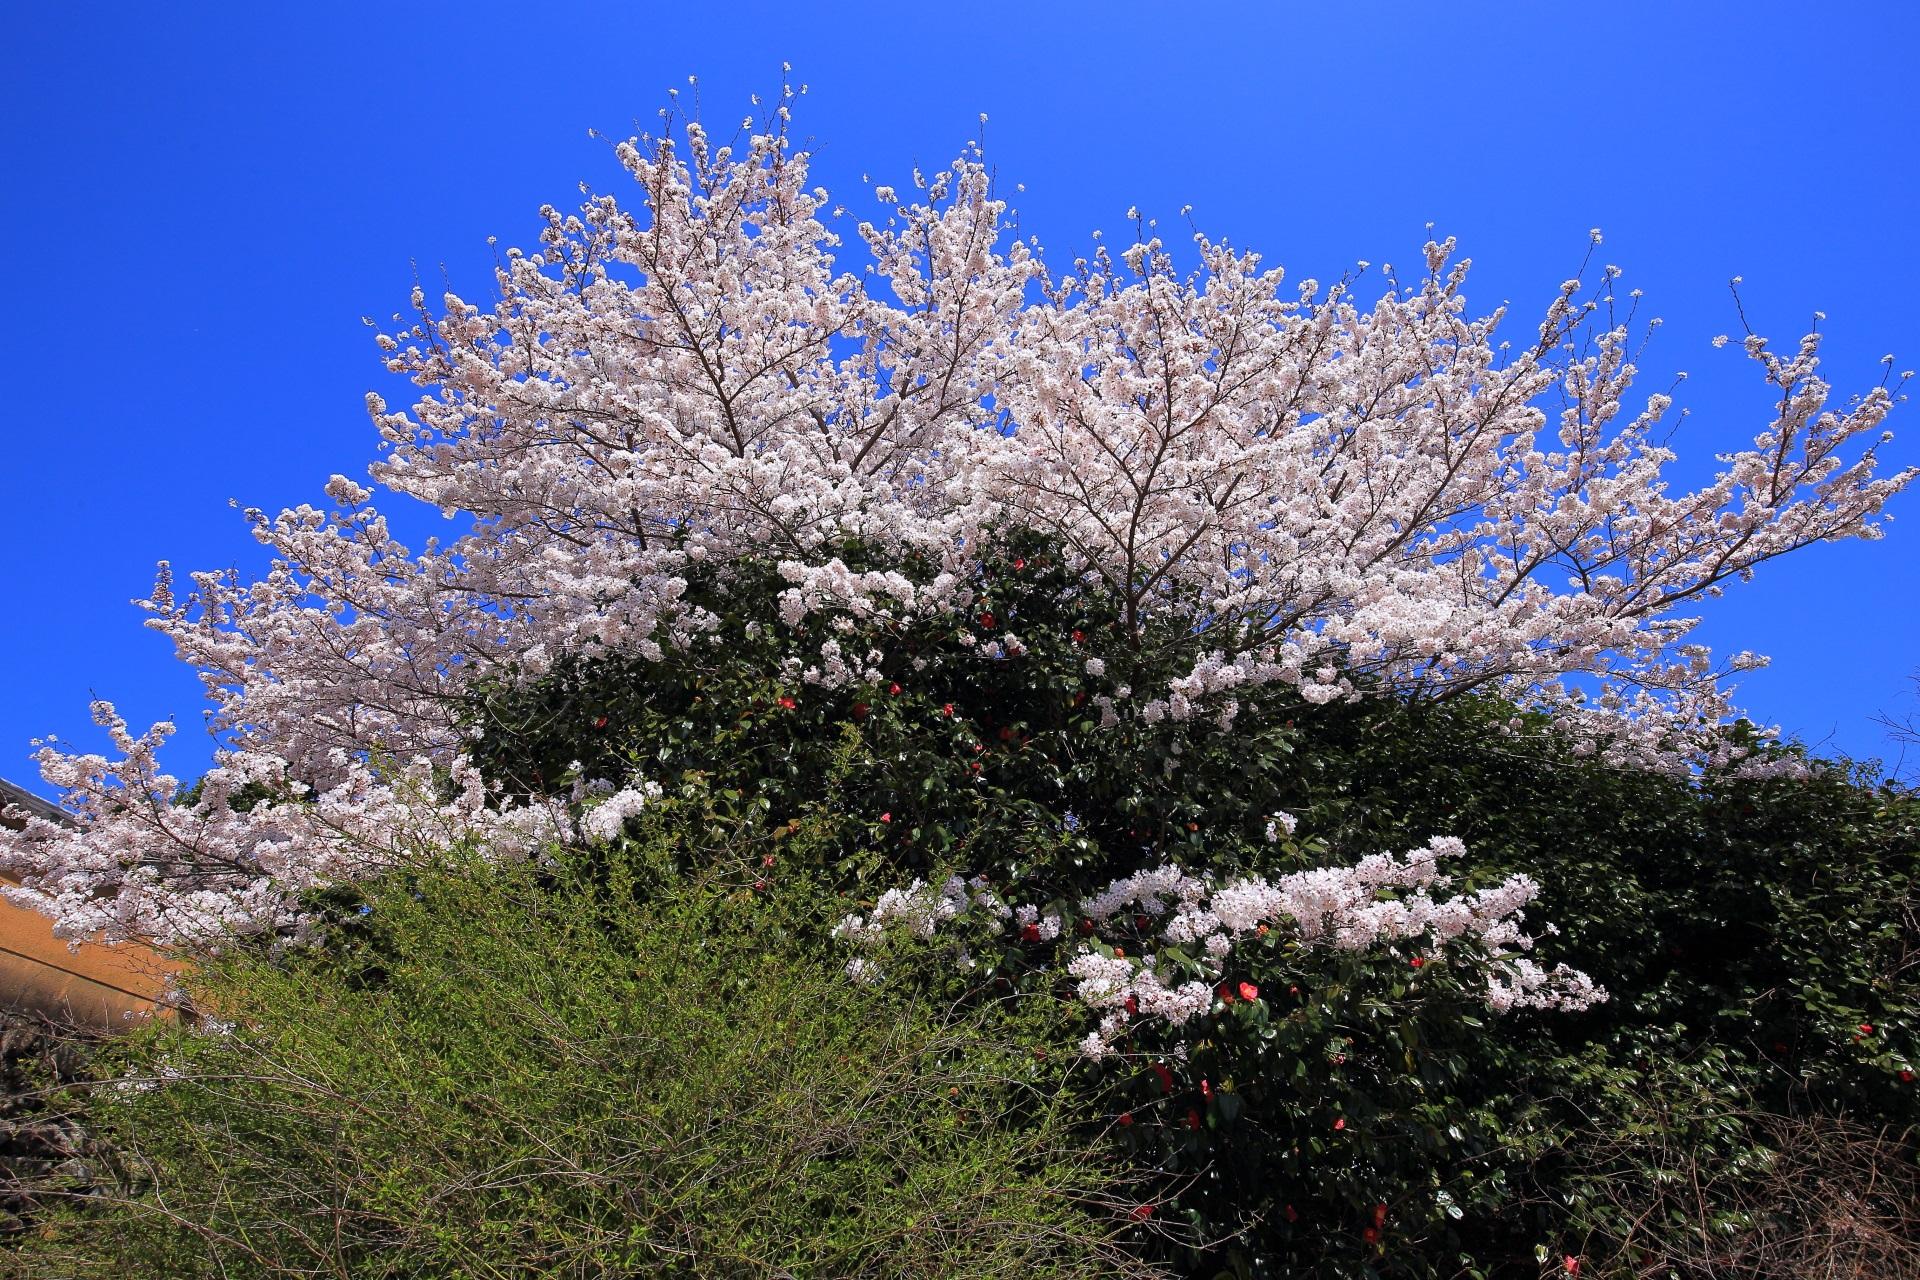 願徳寺の椿に覆いかぶさるように咲く豪快な桜